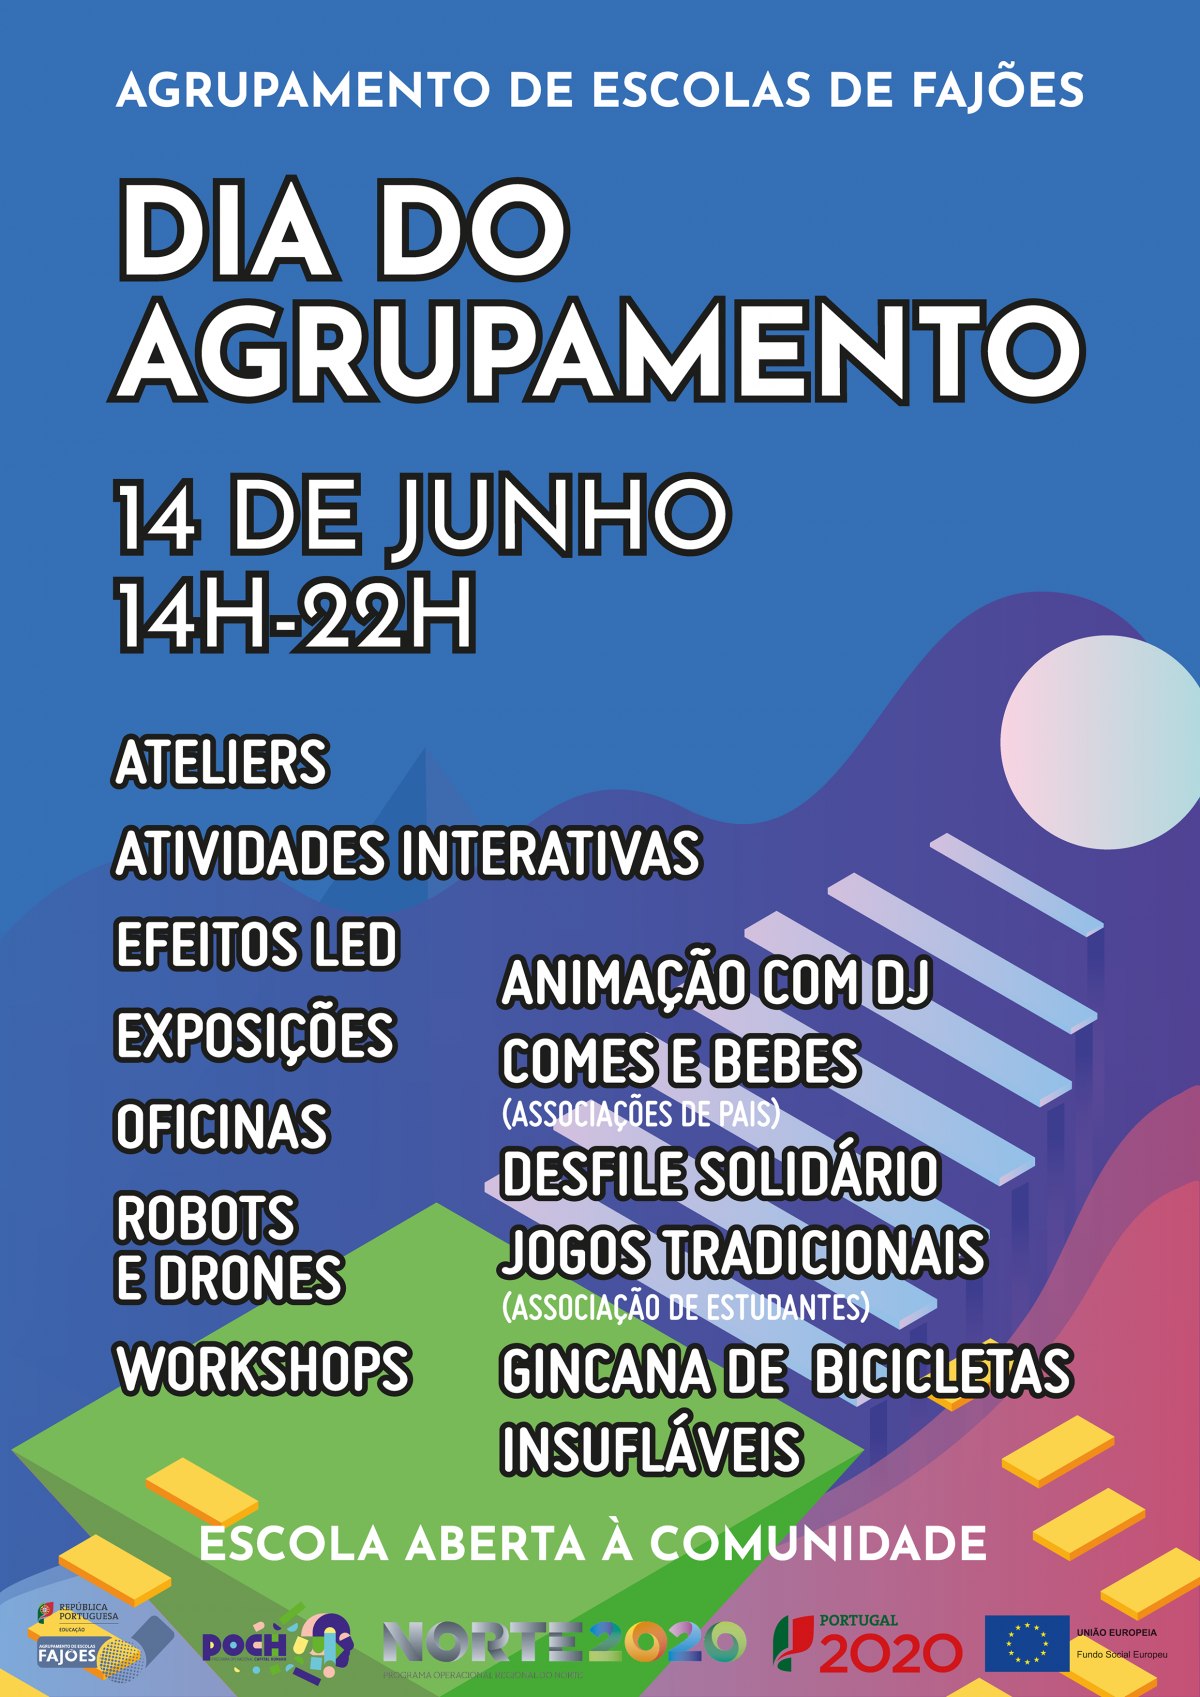 Dia do Agrupamento - 14 de junho